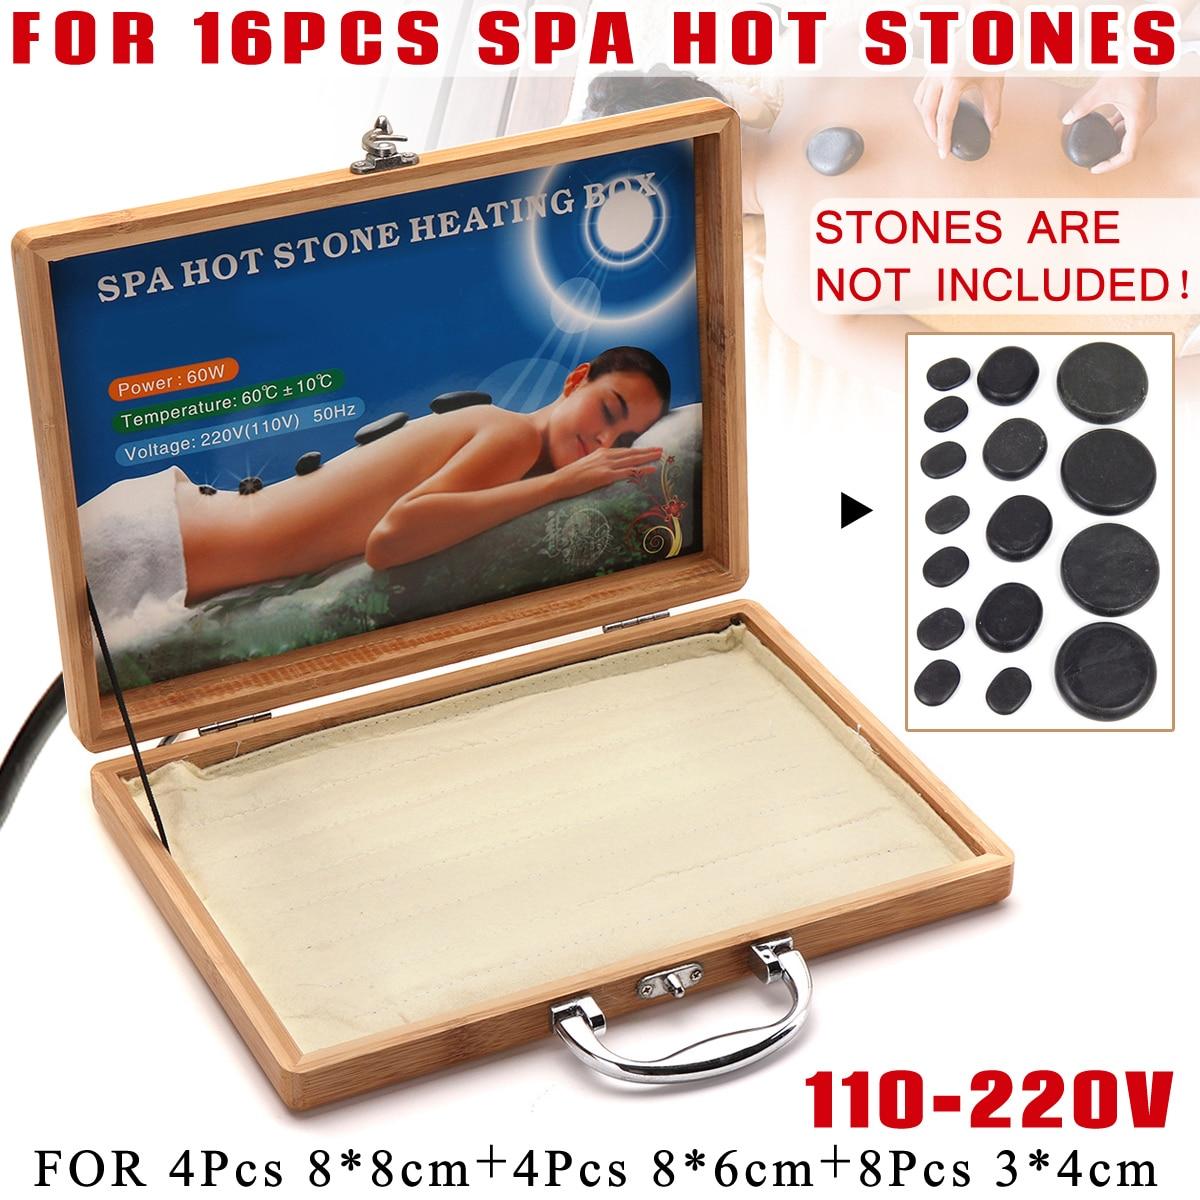 Kifit 1 pièces bambou pierre chaude chauffage Kit boîte de transport pour 16 pièces 220 V 110 V Spa pierres chaudes Massage thérapie naturelle 31 cm x 22 cm x 4.5 cm